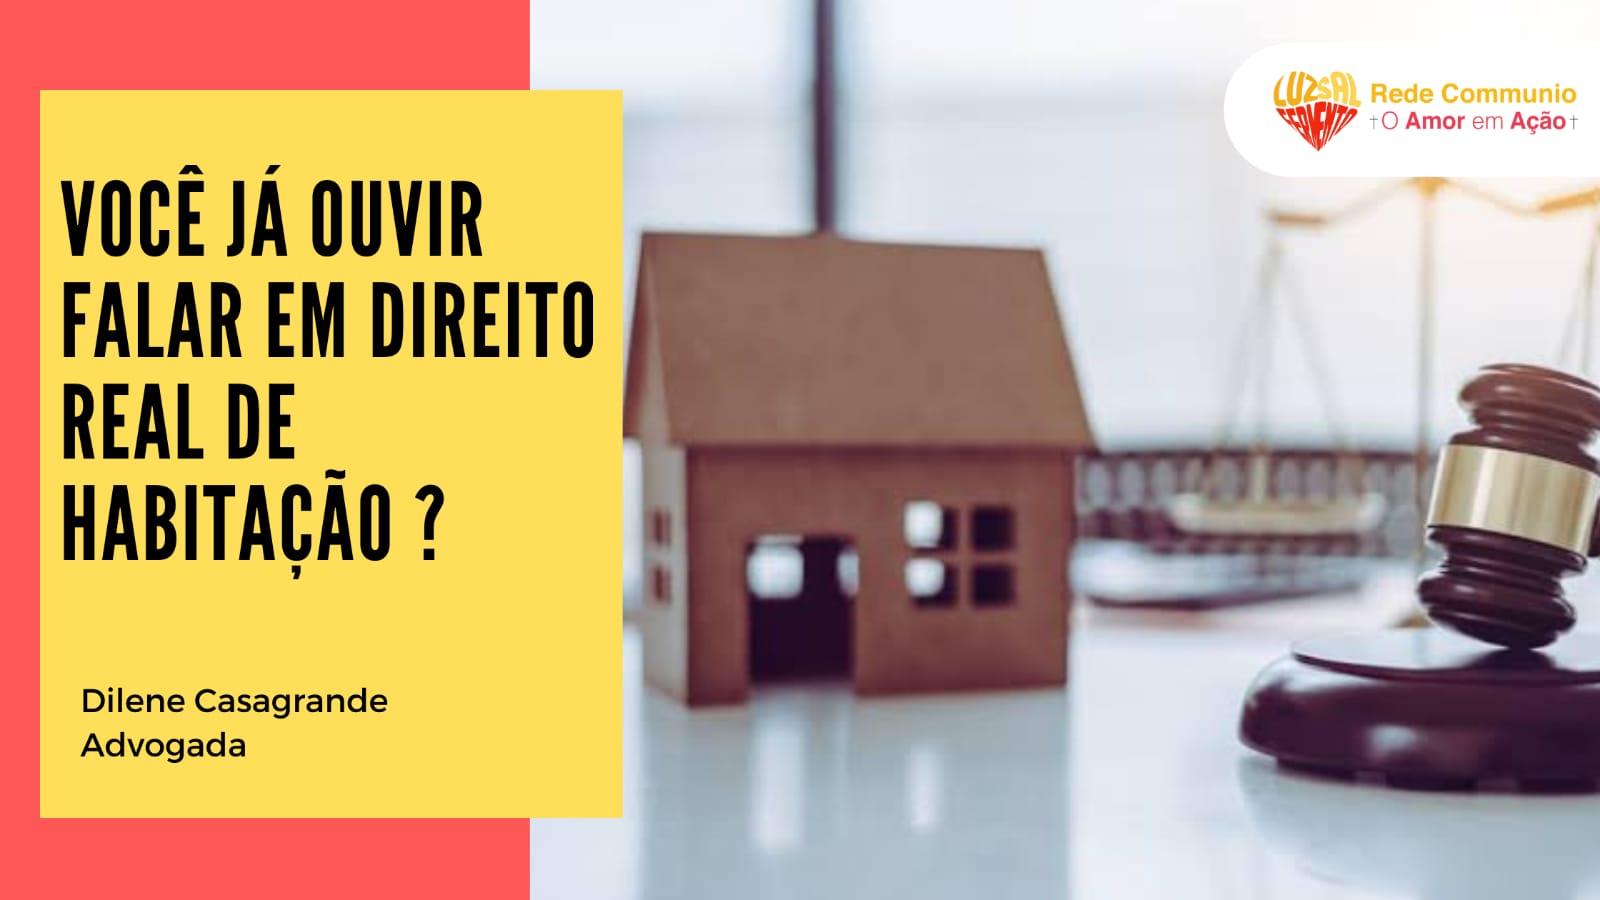 Você já ouvir falar em direito real de habitação?